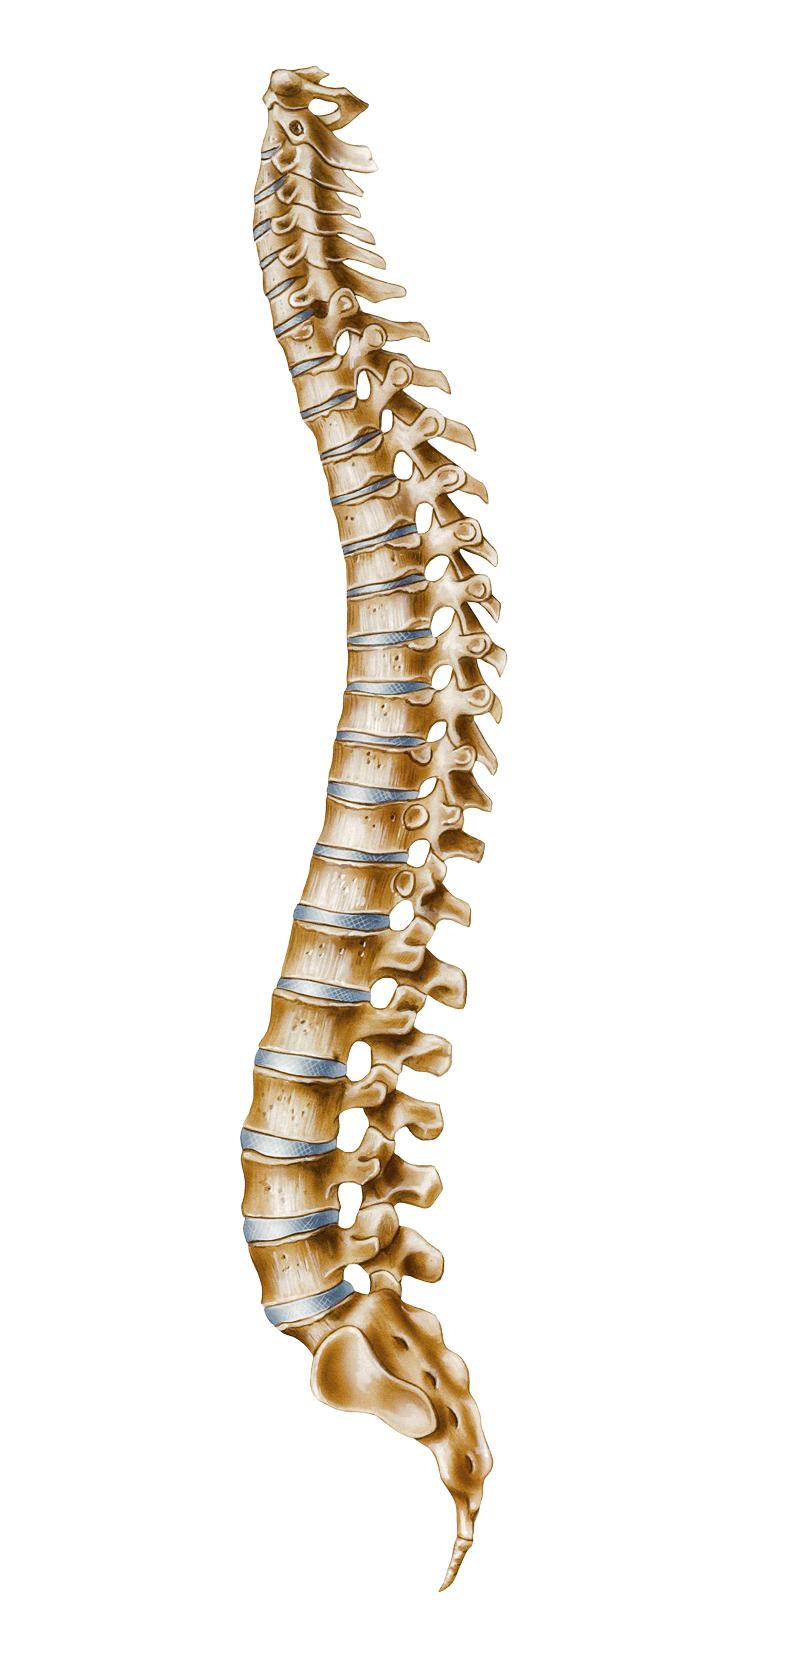 kisspng-human-vertebral-column-atlas-cer